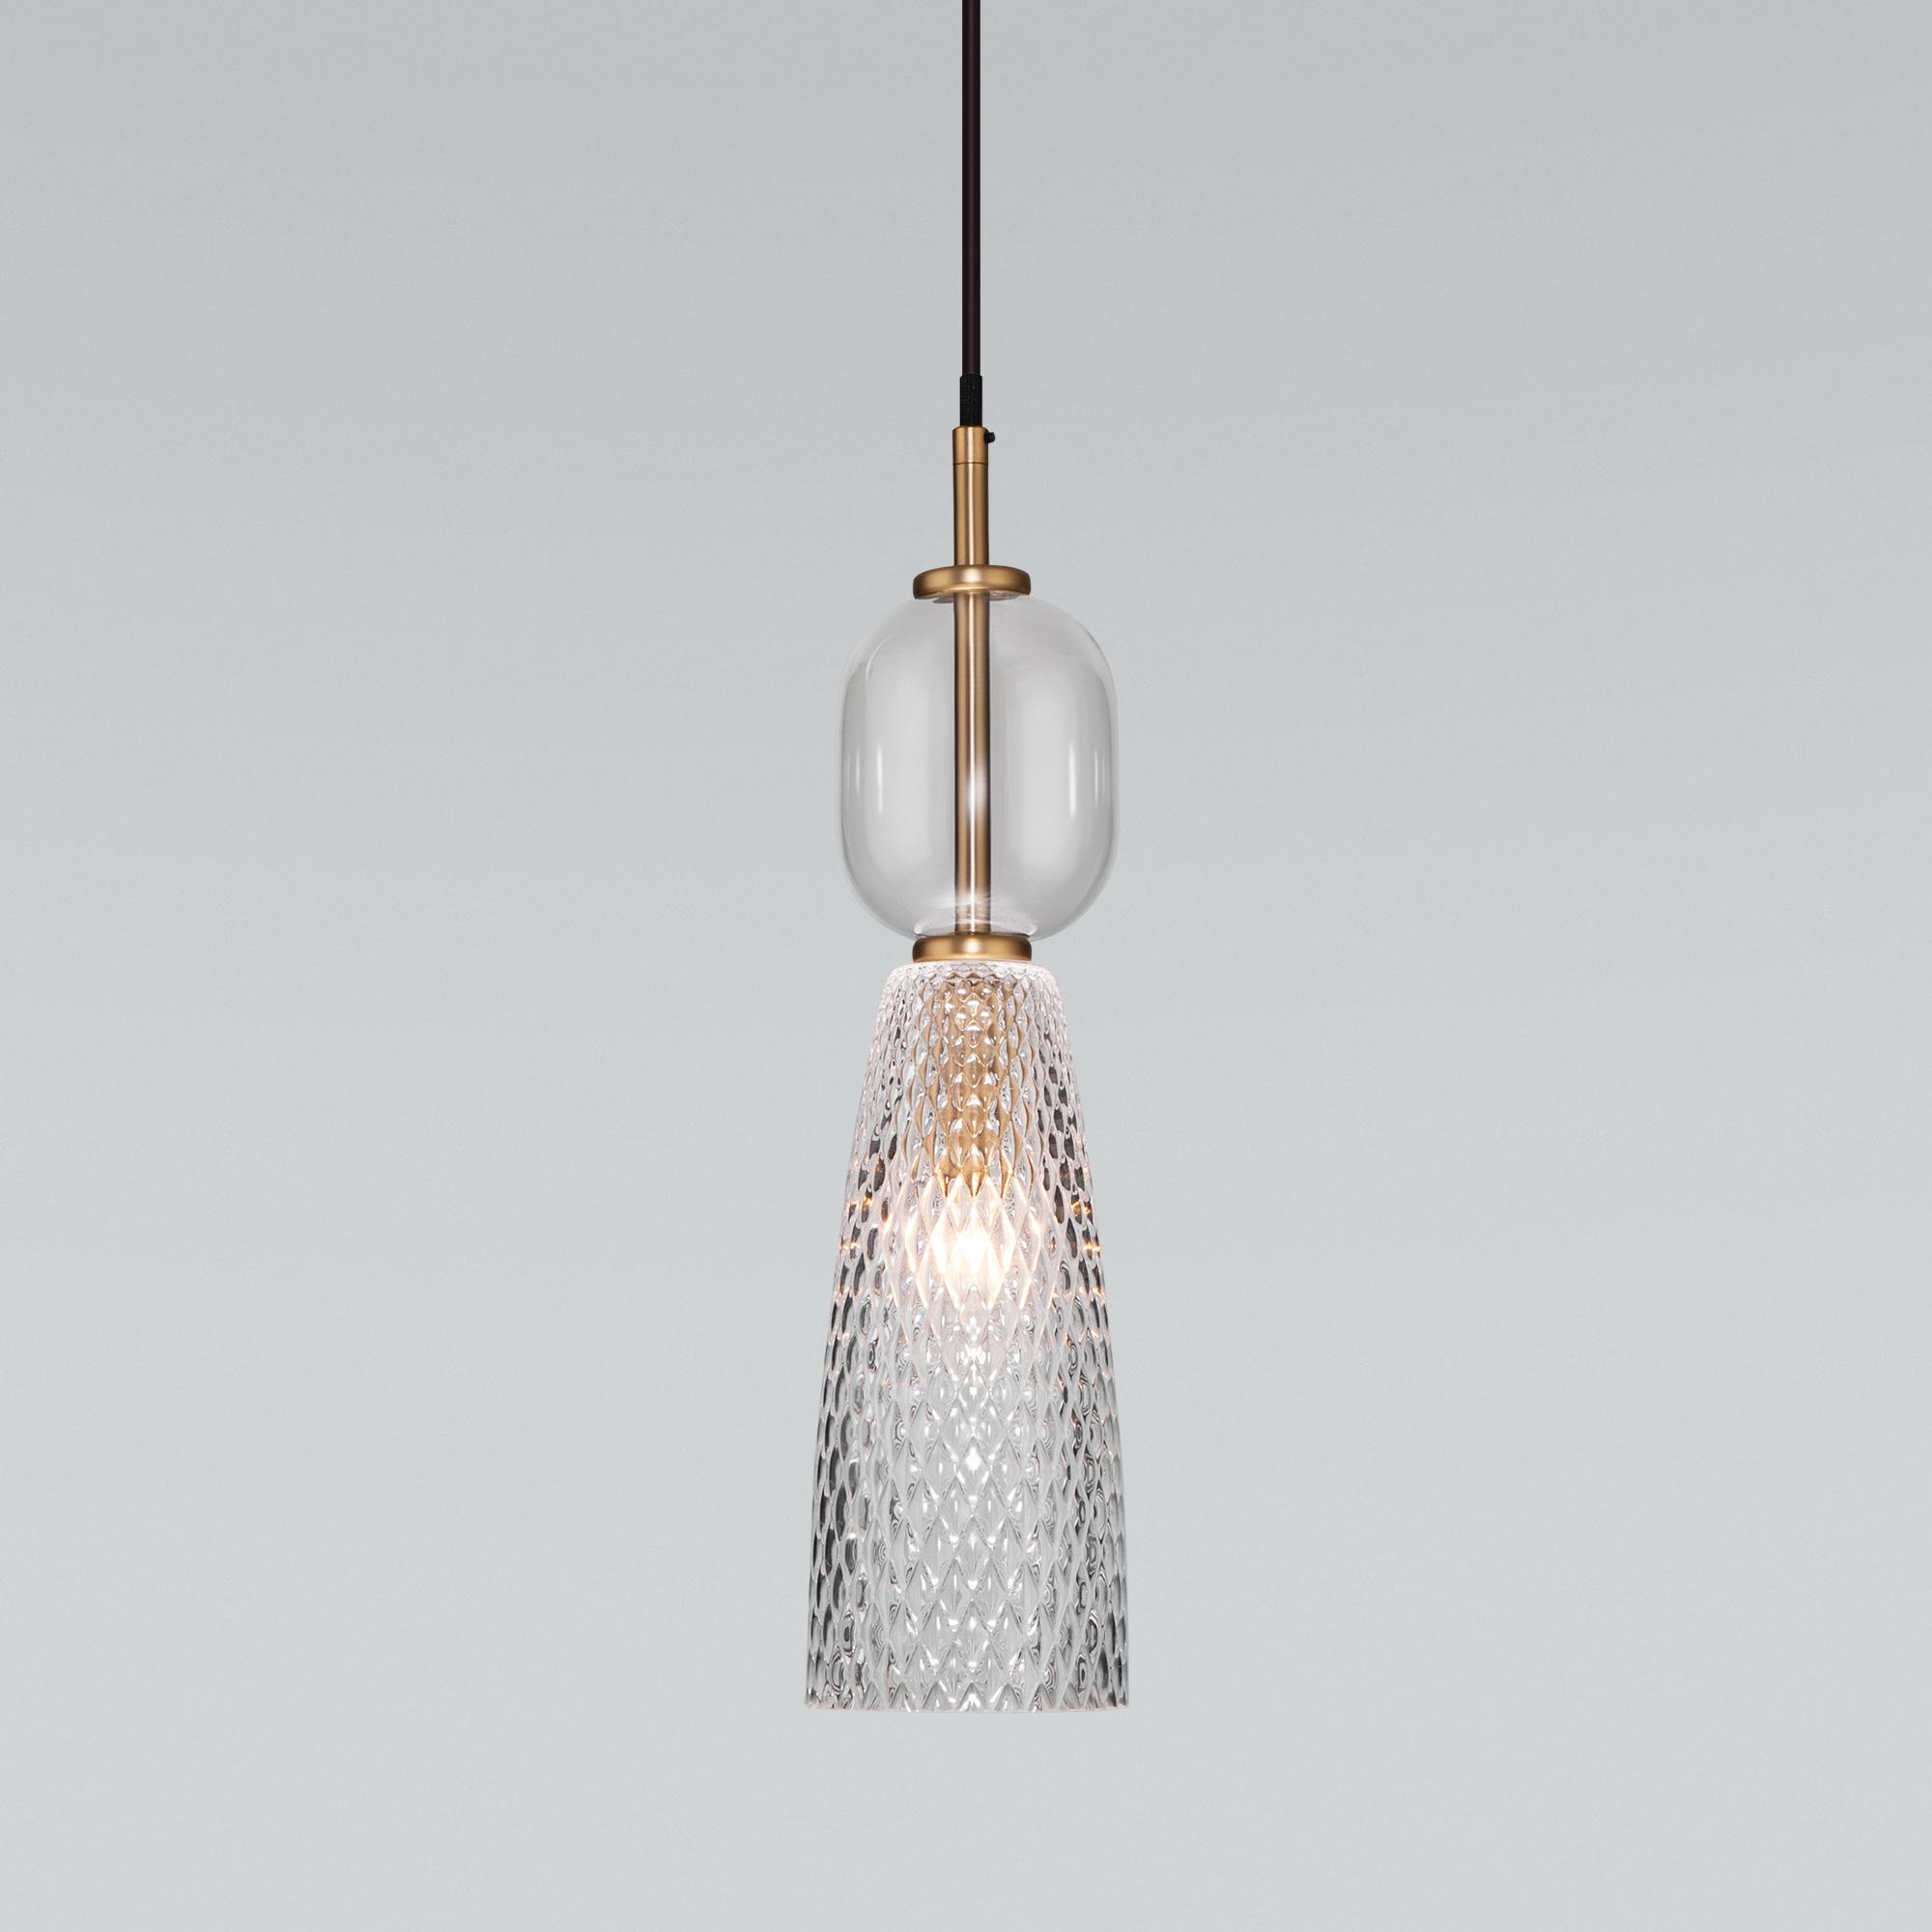 Подвесной светильник со стеклянным плафоном 50211/1 прозрачный